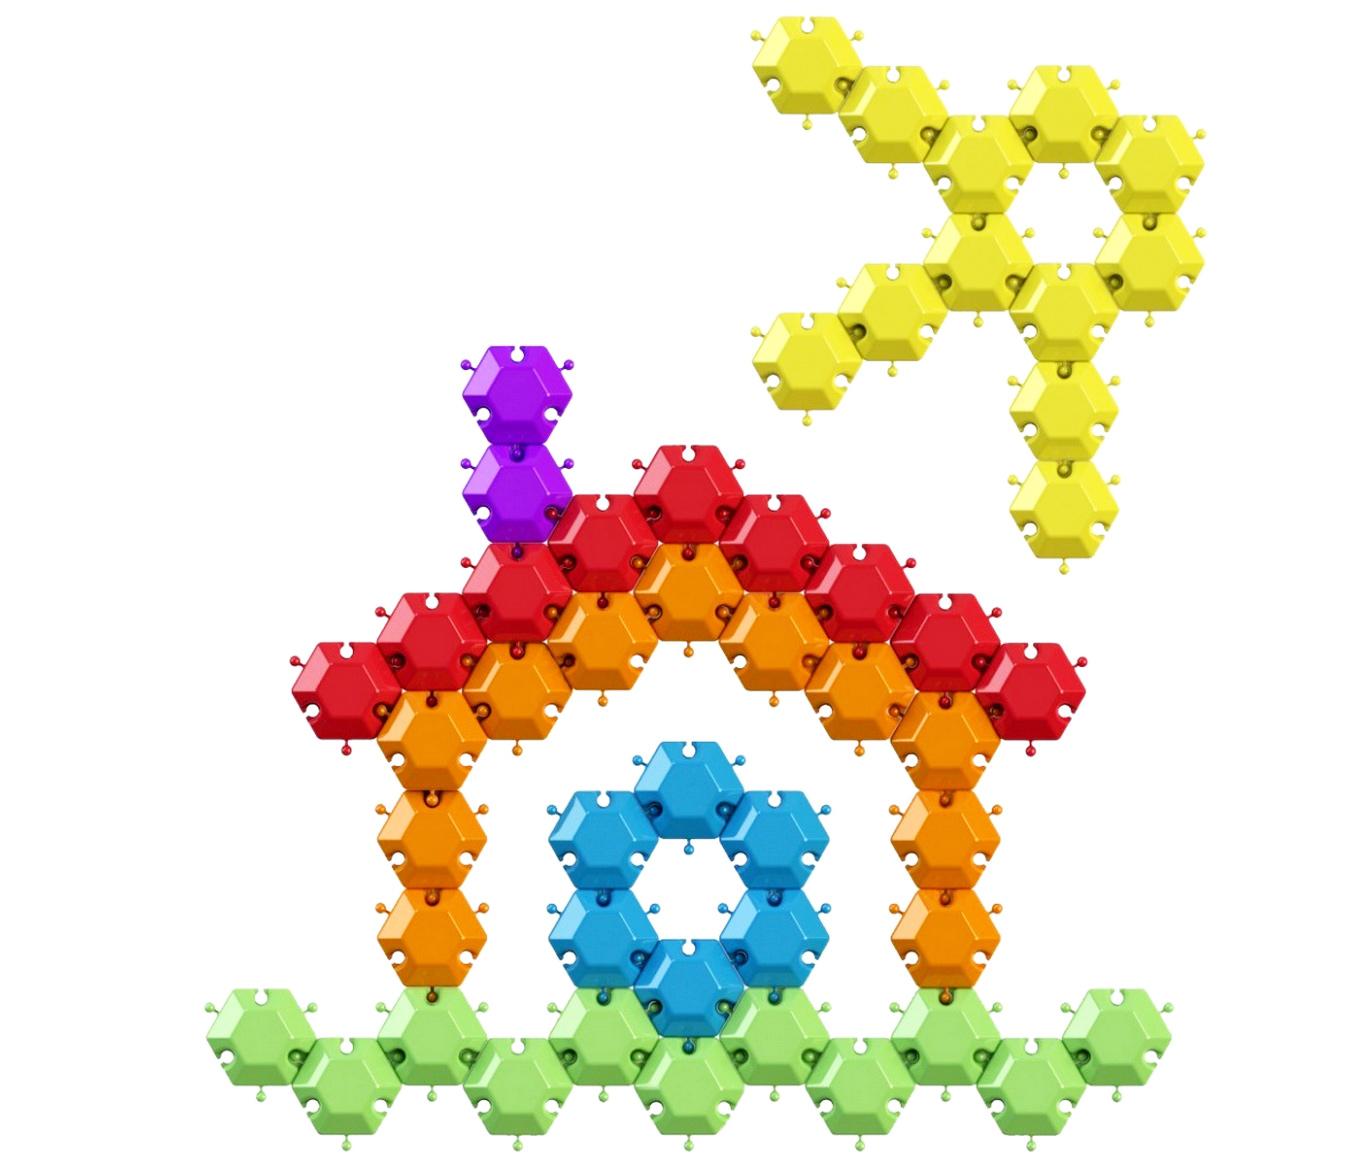 Пазлы игра мозаика в картинках